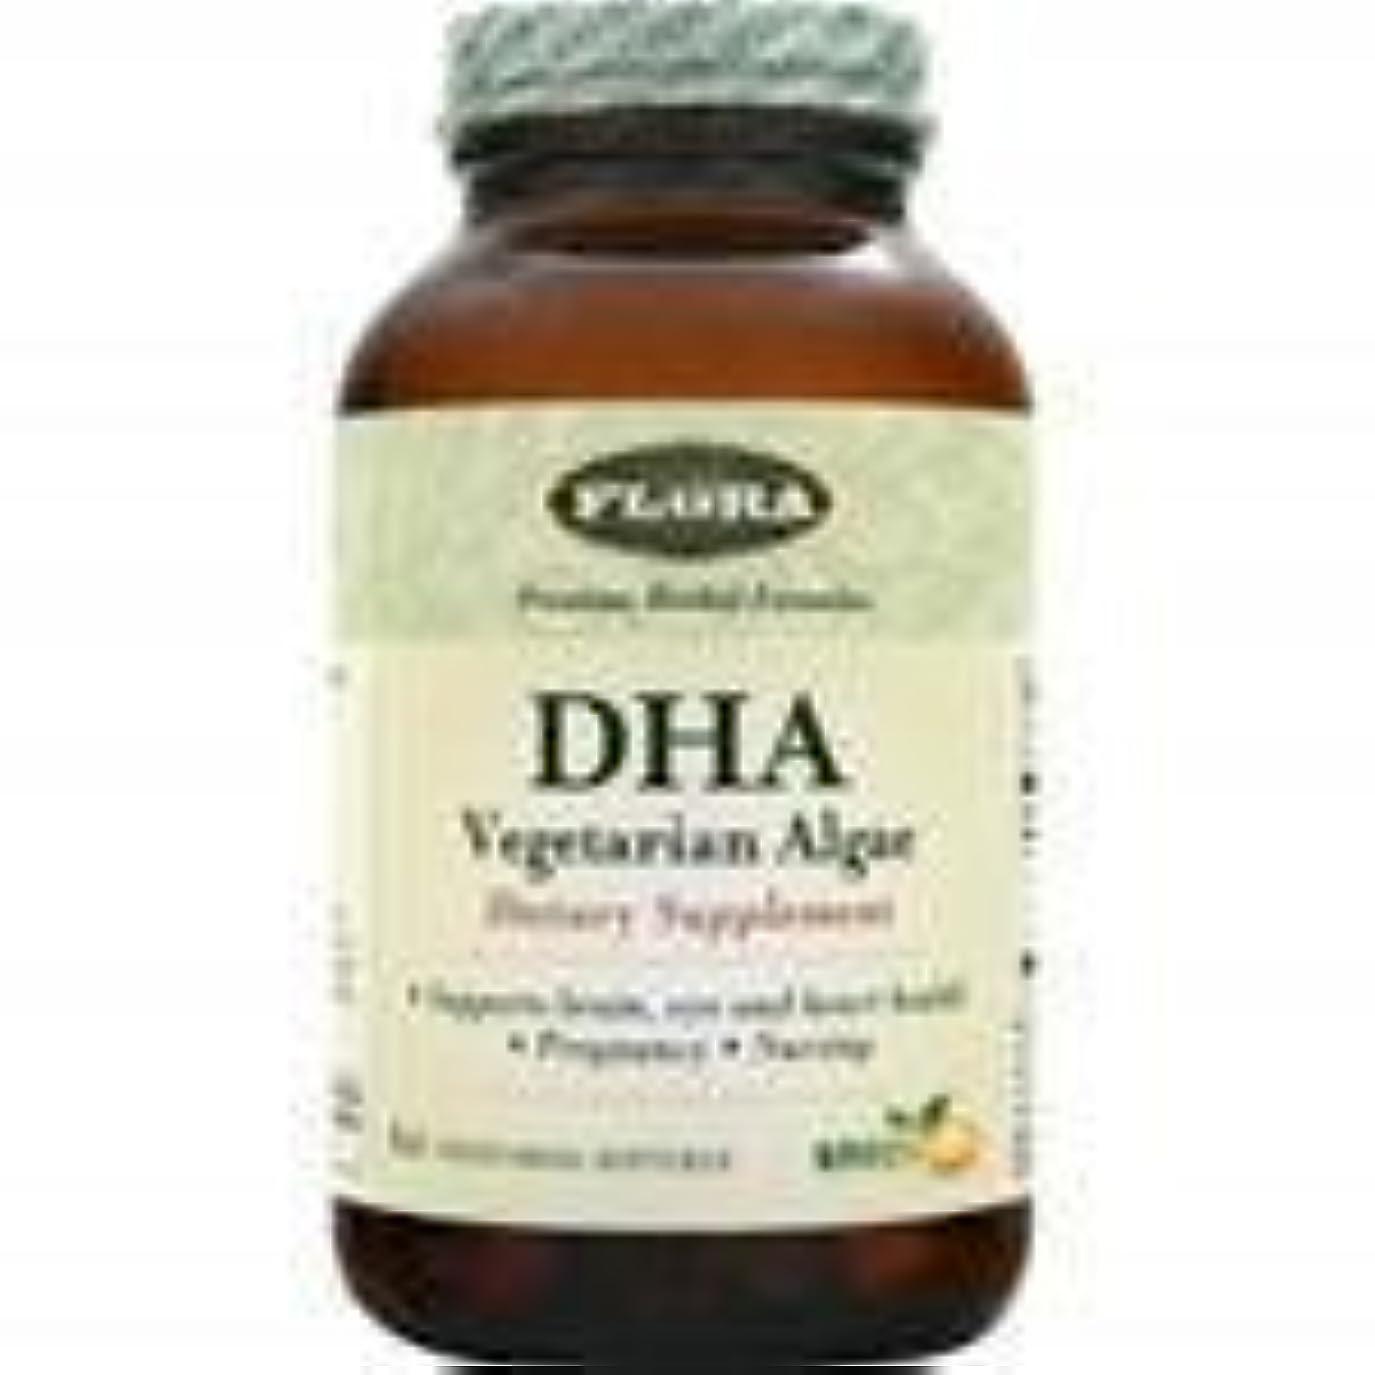 レイ主権者北東DHA - ベジタリアン藻類 60 ソフトジェル 2個パック